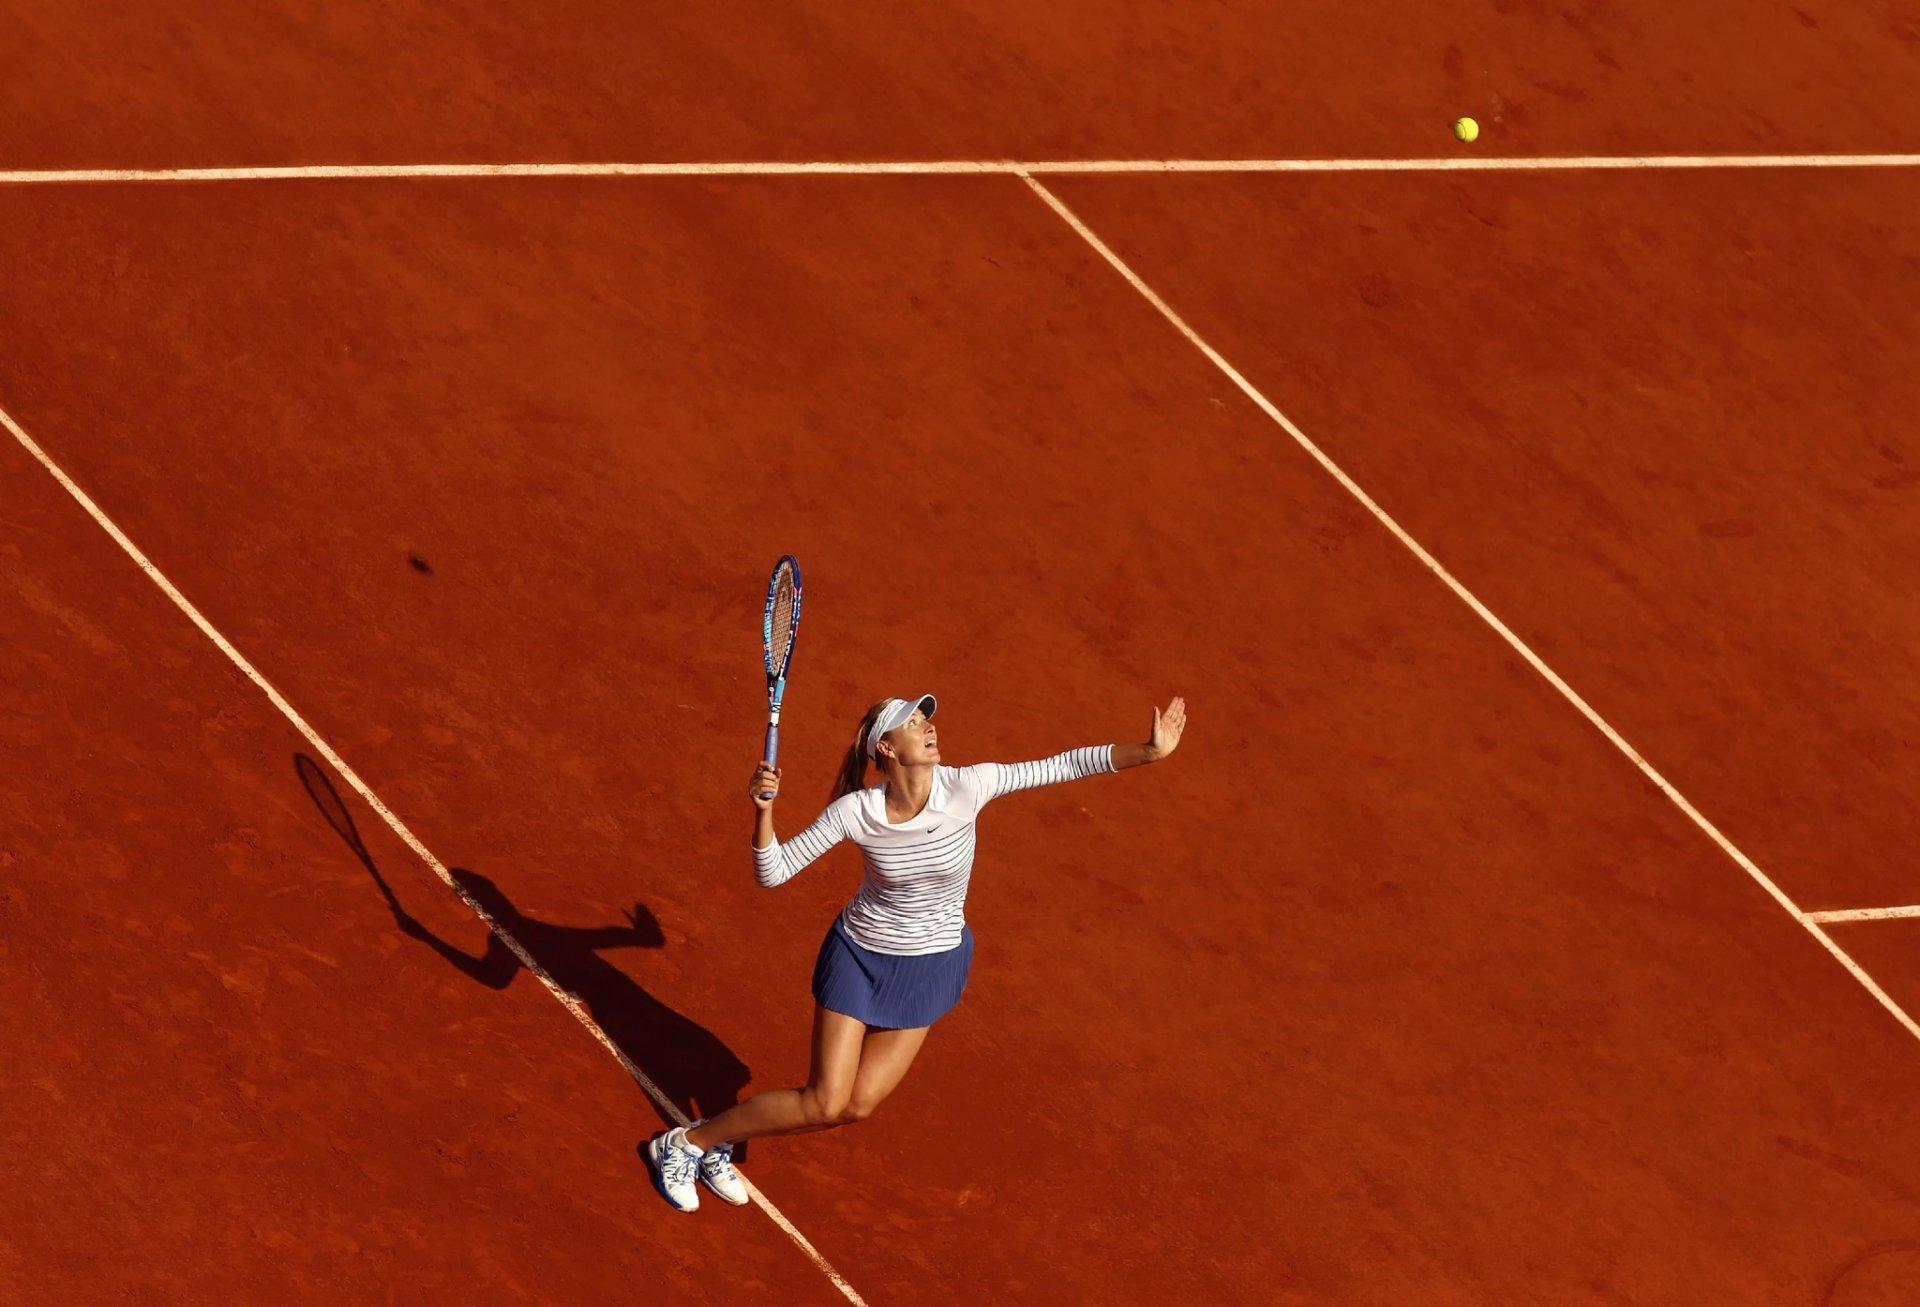 Обои ракетка, Мария шарапова, мяч. Спорт foto 12